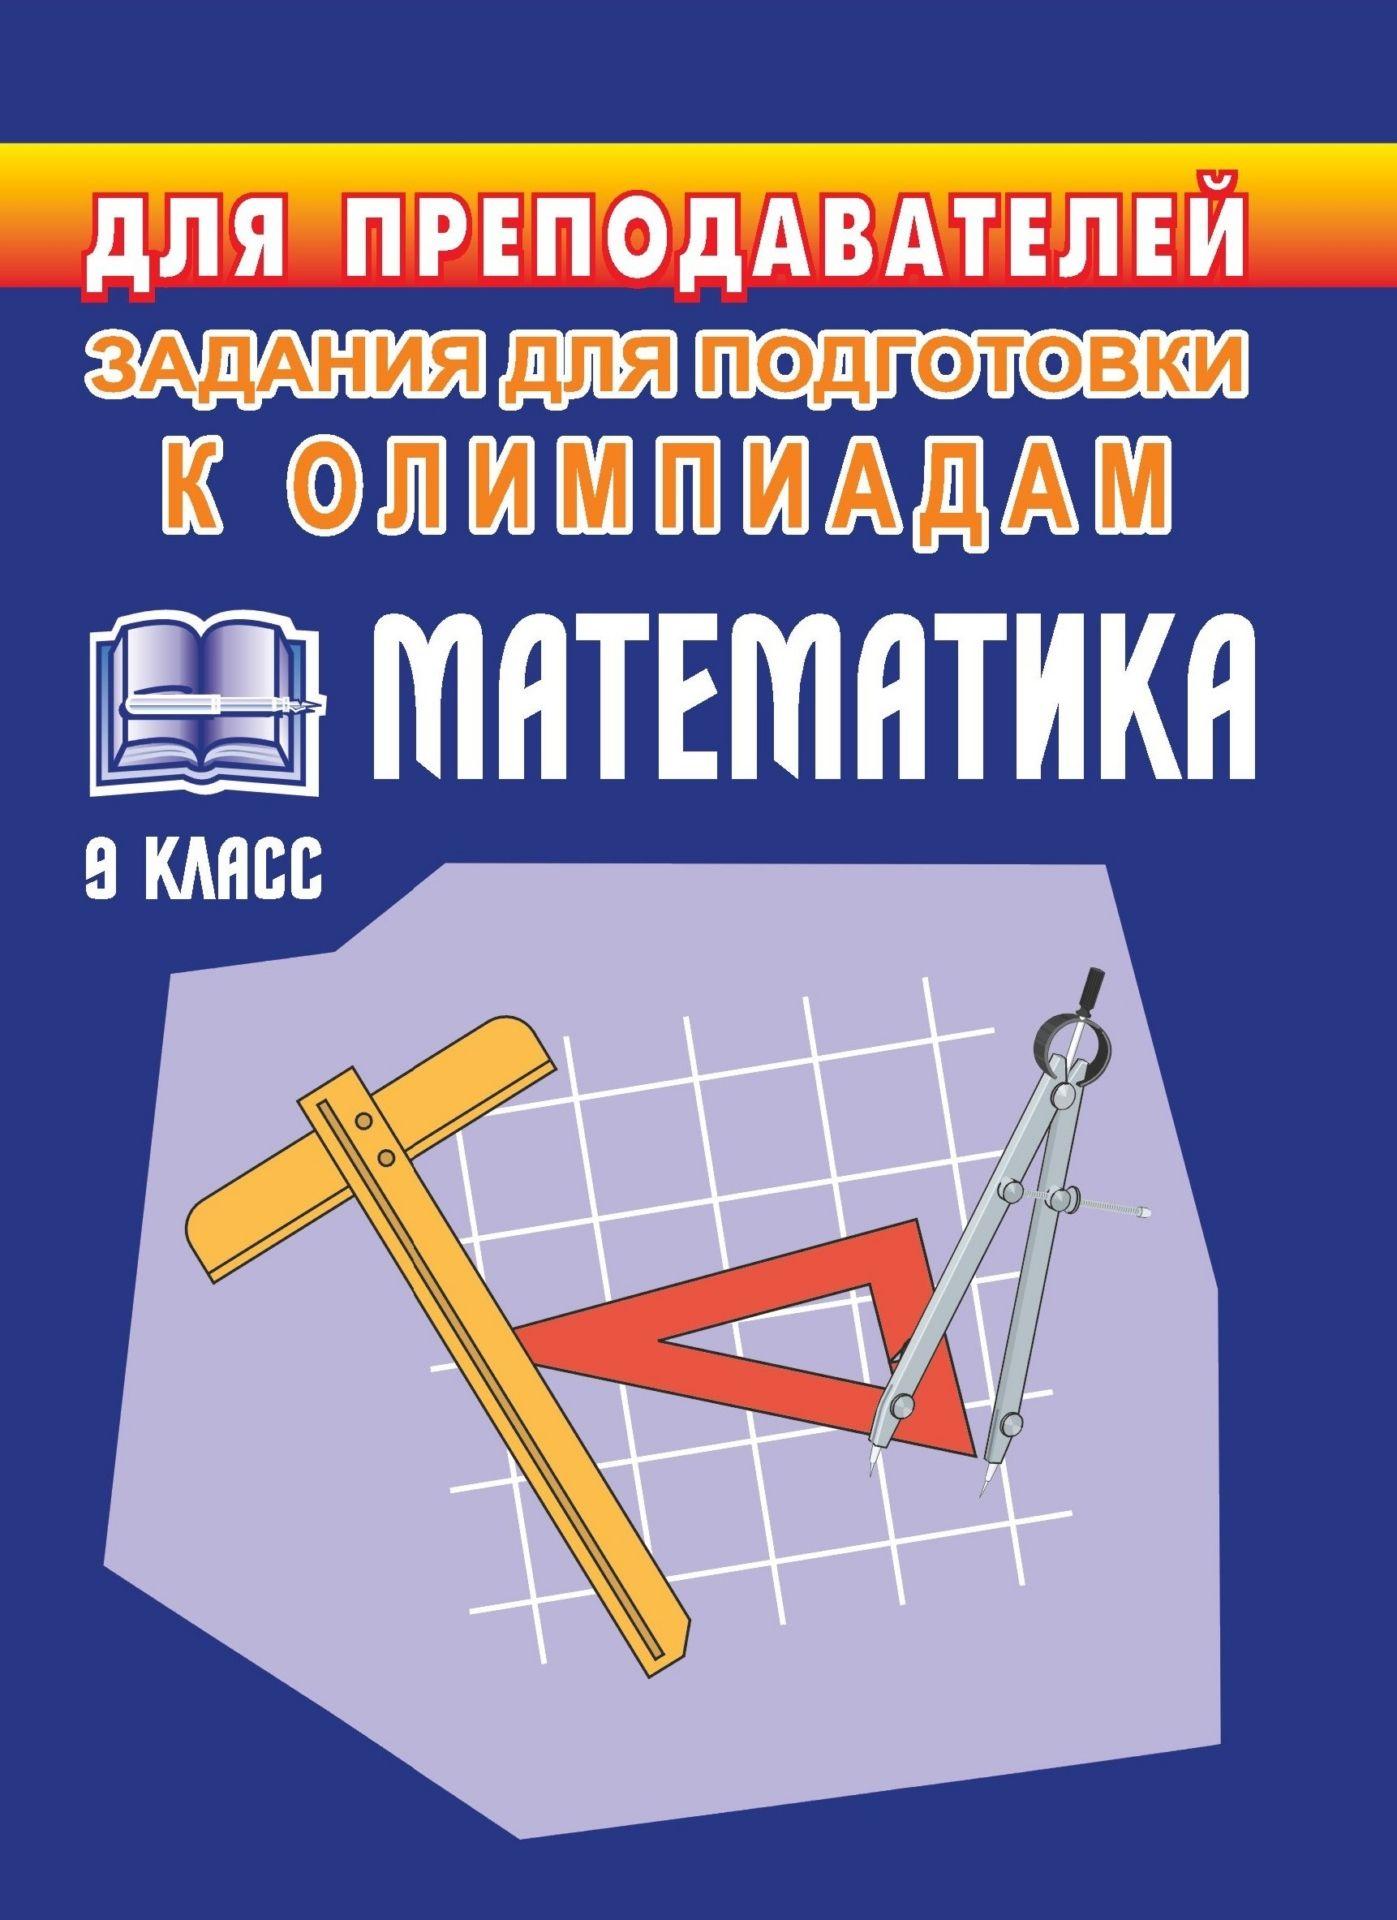 Олимпиадные задания по математике. 9 клПредметы<br>В данное пособие включены задачи, которые можно использовать для подготовки и проведения математических олимпиад в 9 классе, а также в кружковой и индивидуальной работе с учащимися, интересующимися предметом. Каждая задача снабжена указаниями, решением и ...<br><br>Авторы: Ковалева С. П.<br>Год: 2007<br>Серия: Для преподавателей<br>ISBN: 978-5-7057-0529-0<br>Высота: 195<br>Ширина: 140<br>Толщина: 4